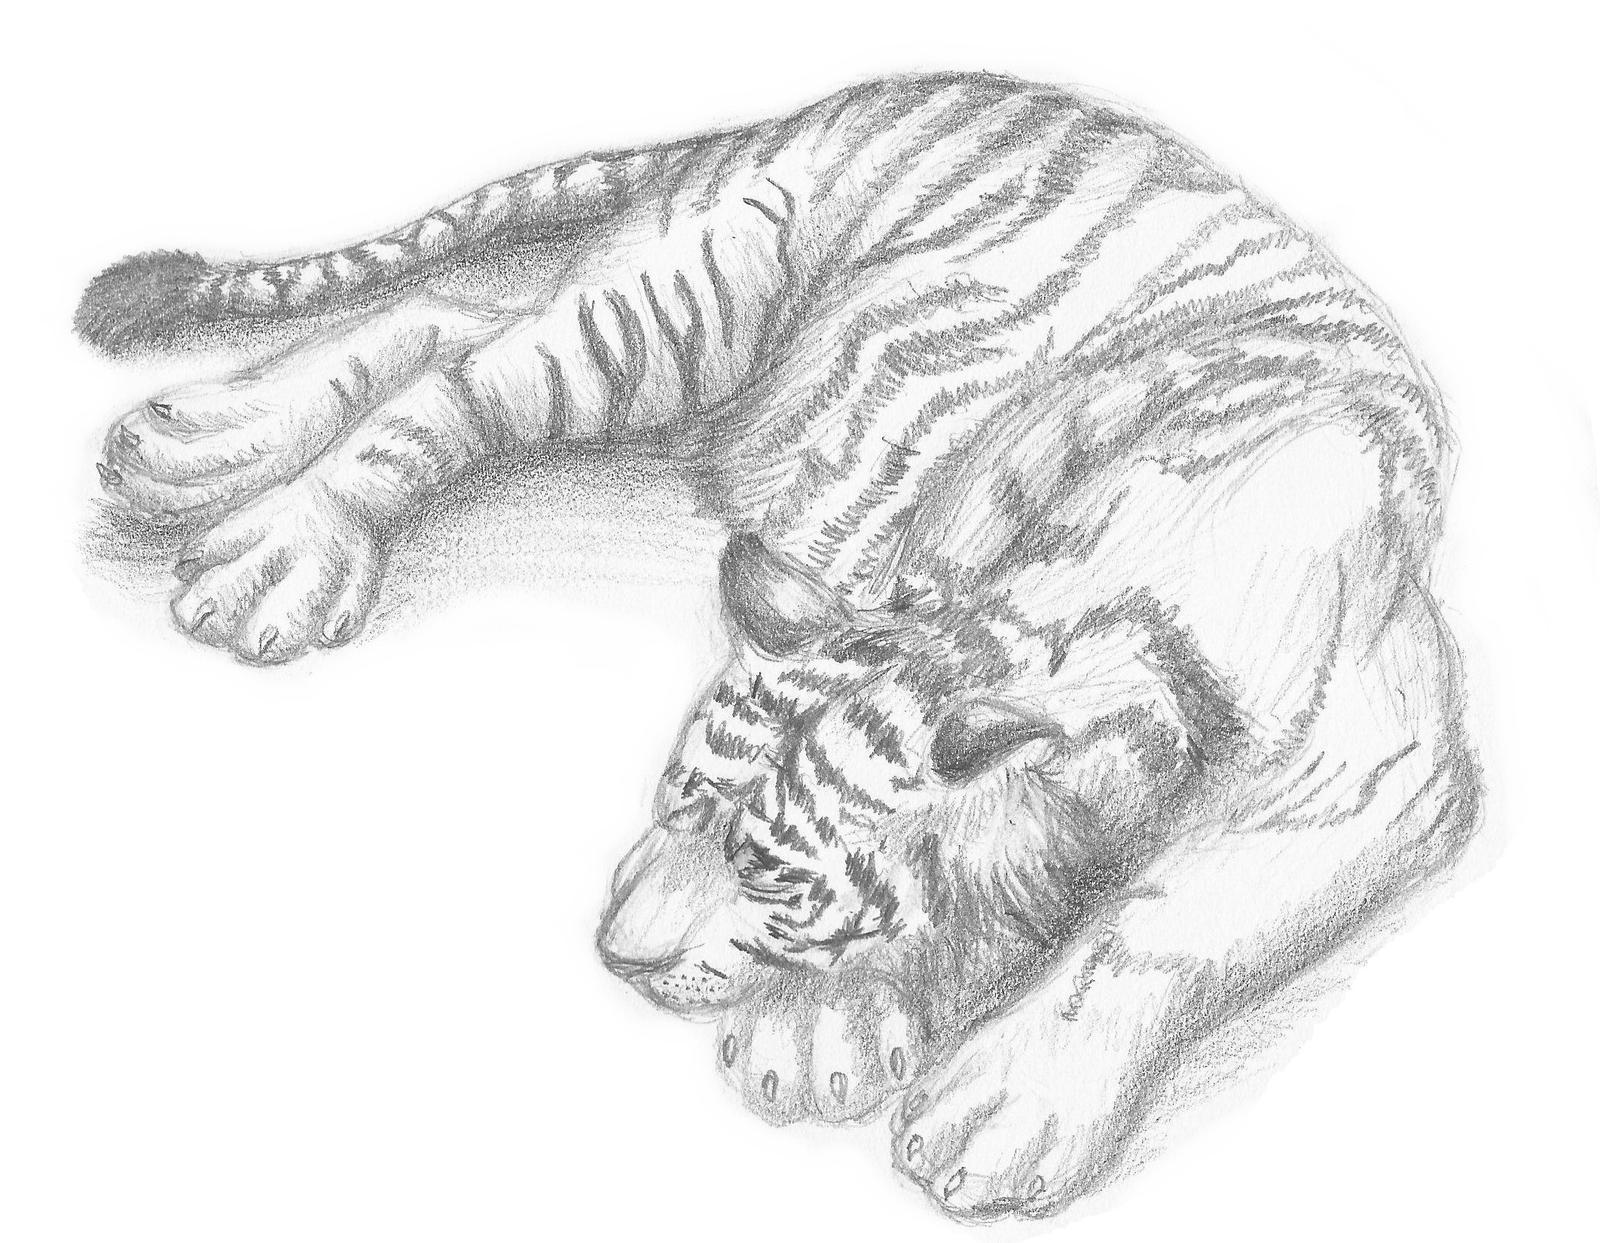 Tigre Sketch: Tiger Sketch 2 By Legend13 On DeviantArt